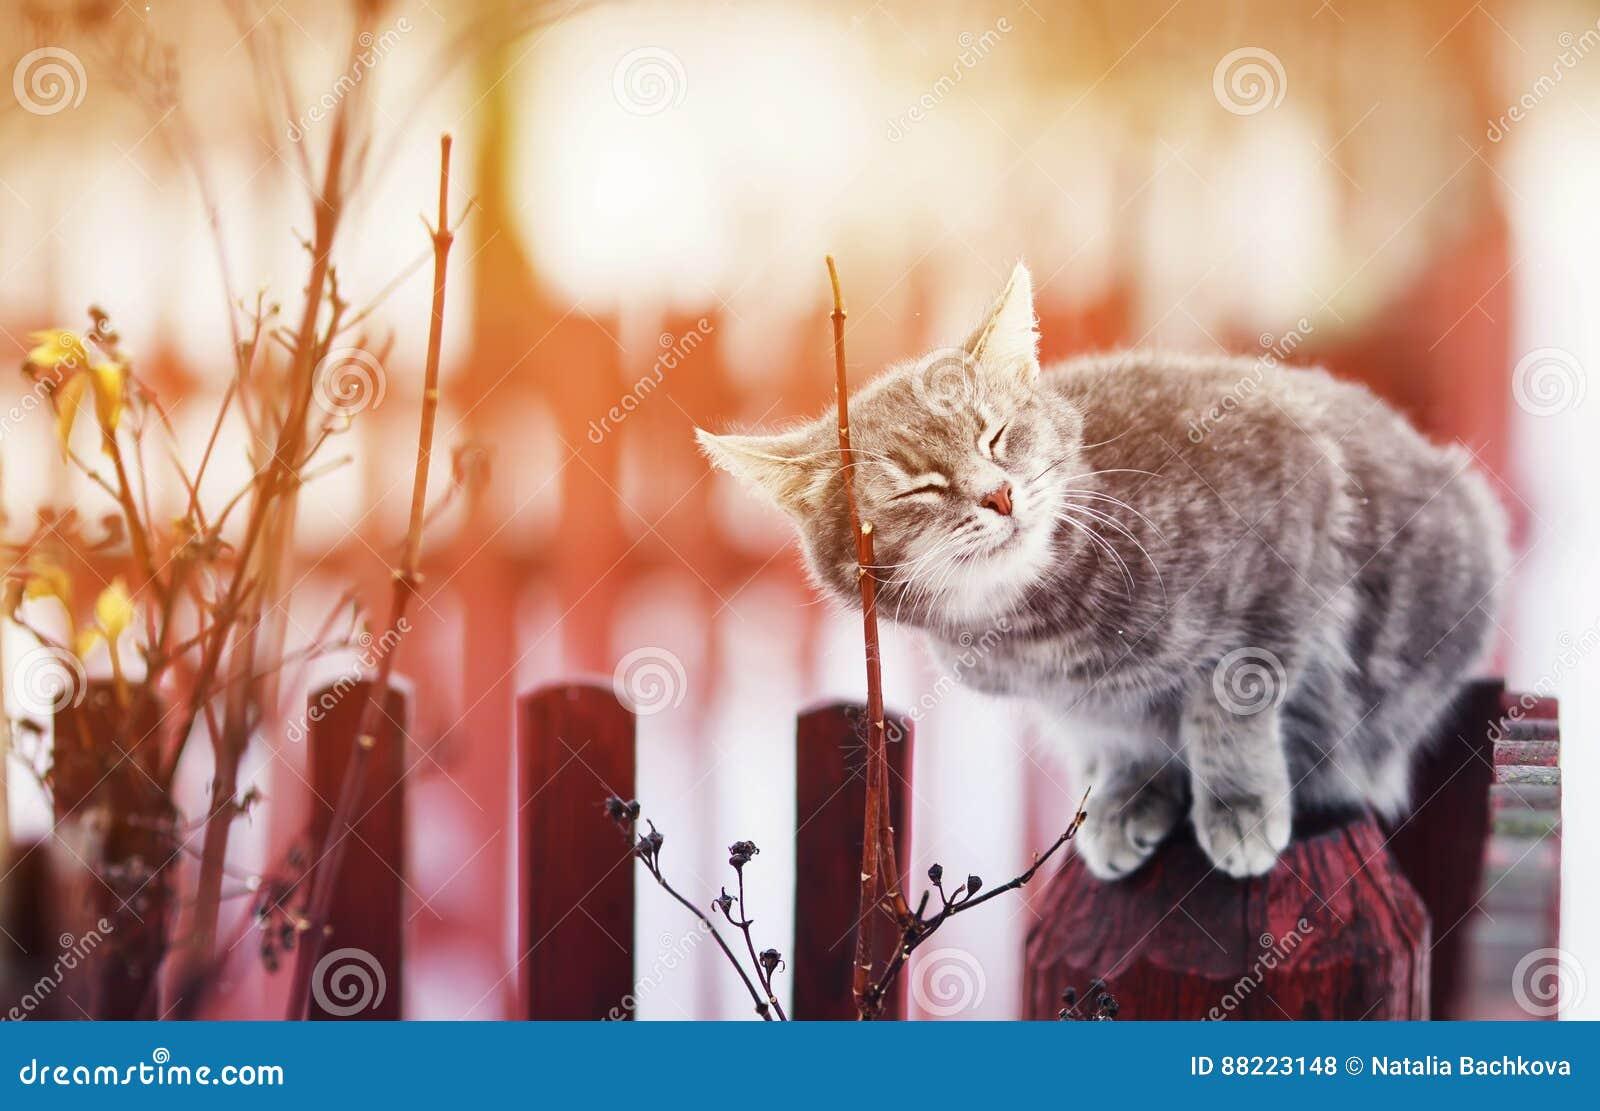 Η χαριτωμένη γάτα εχαΐδευσε στο φράκτη, οι προσοχές του ιδιαίτερες από την ευχαρίστηση